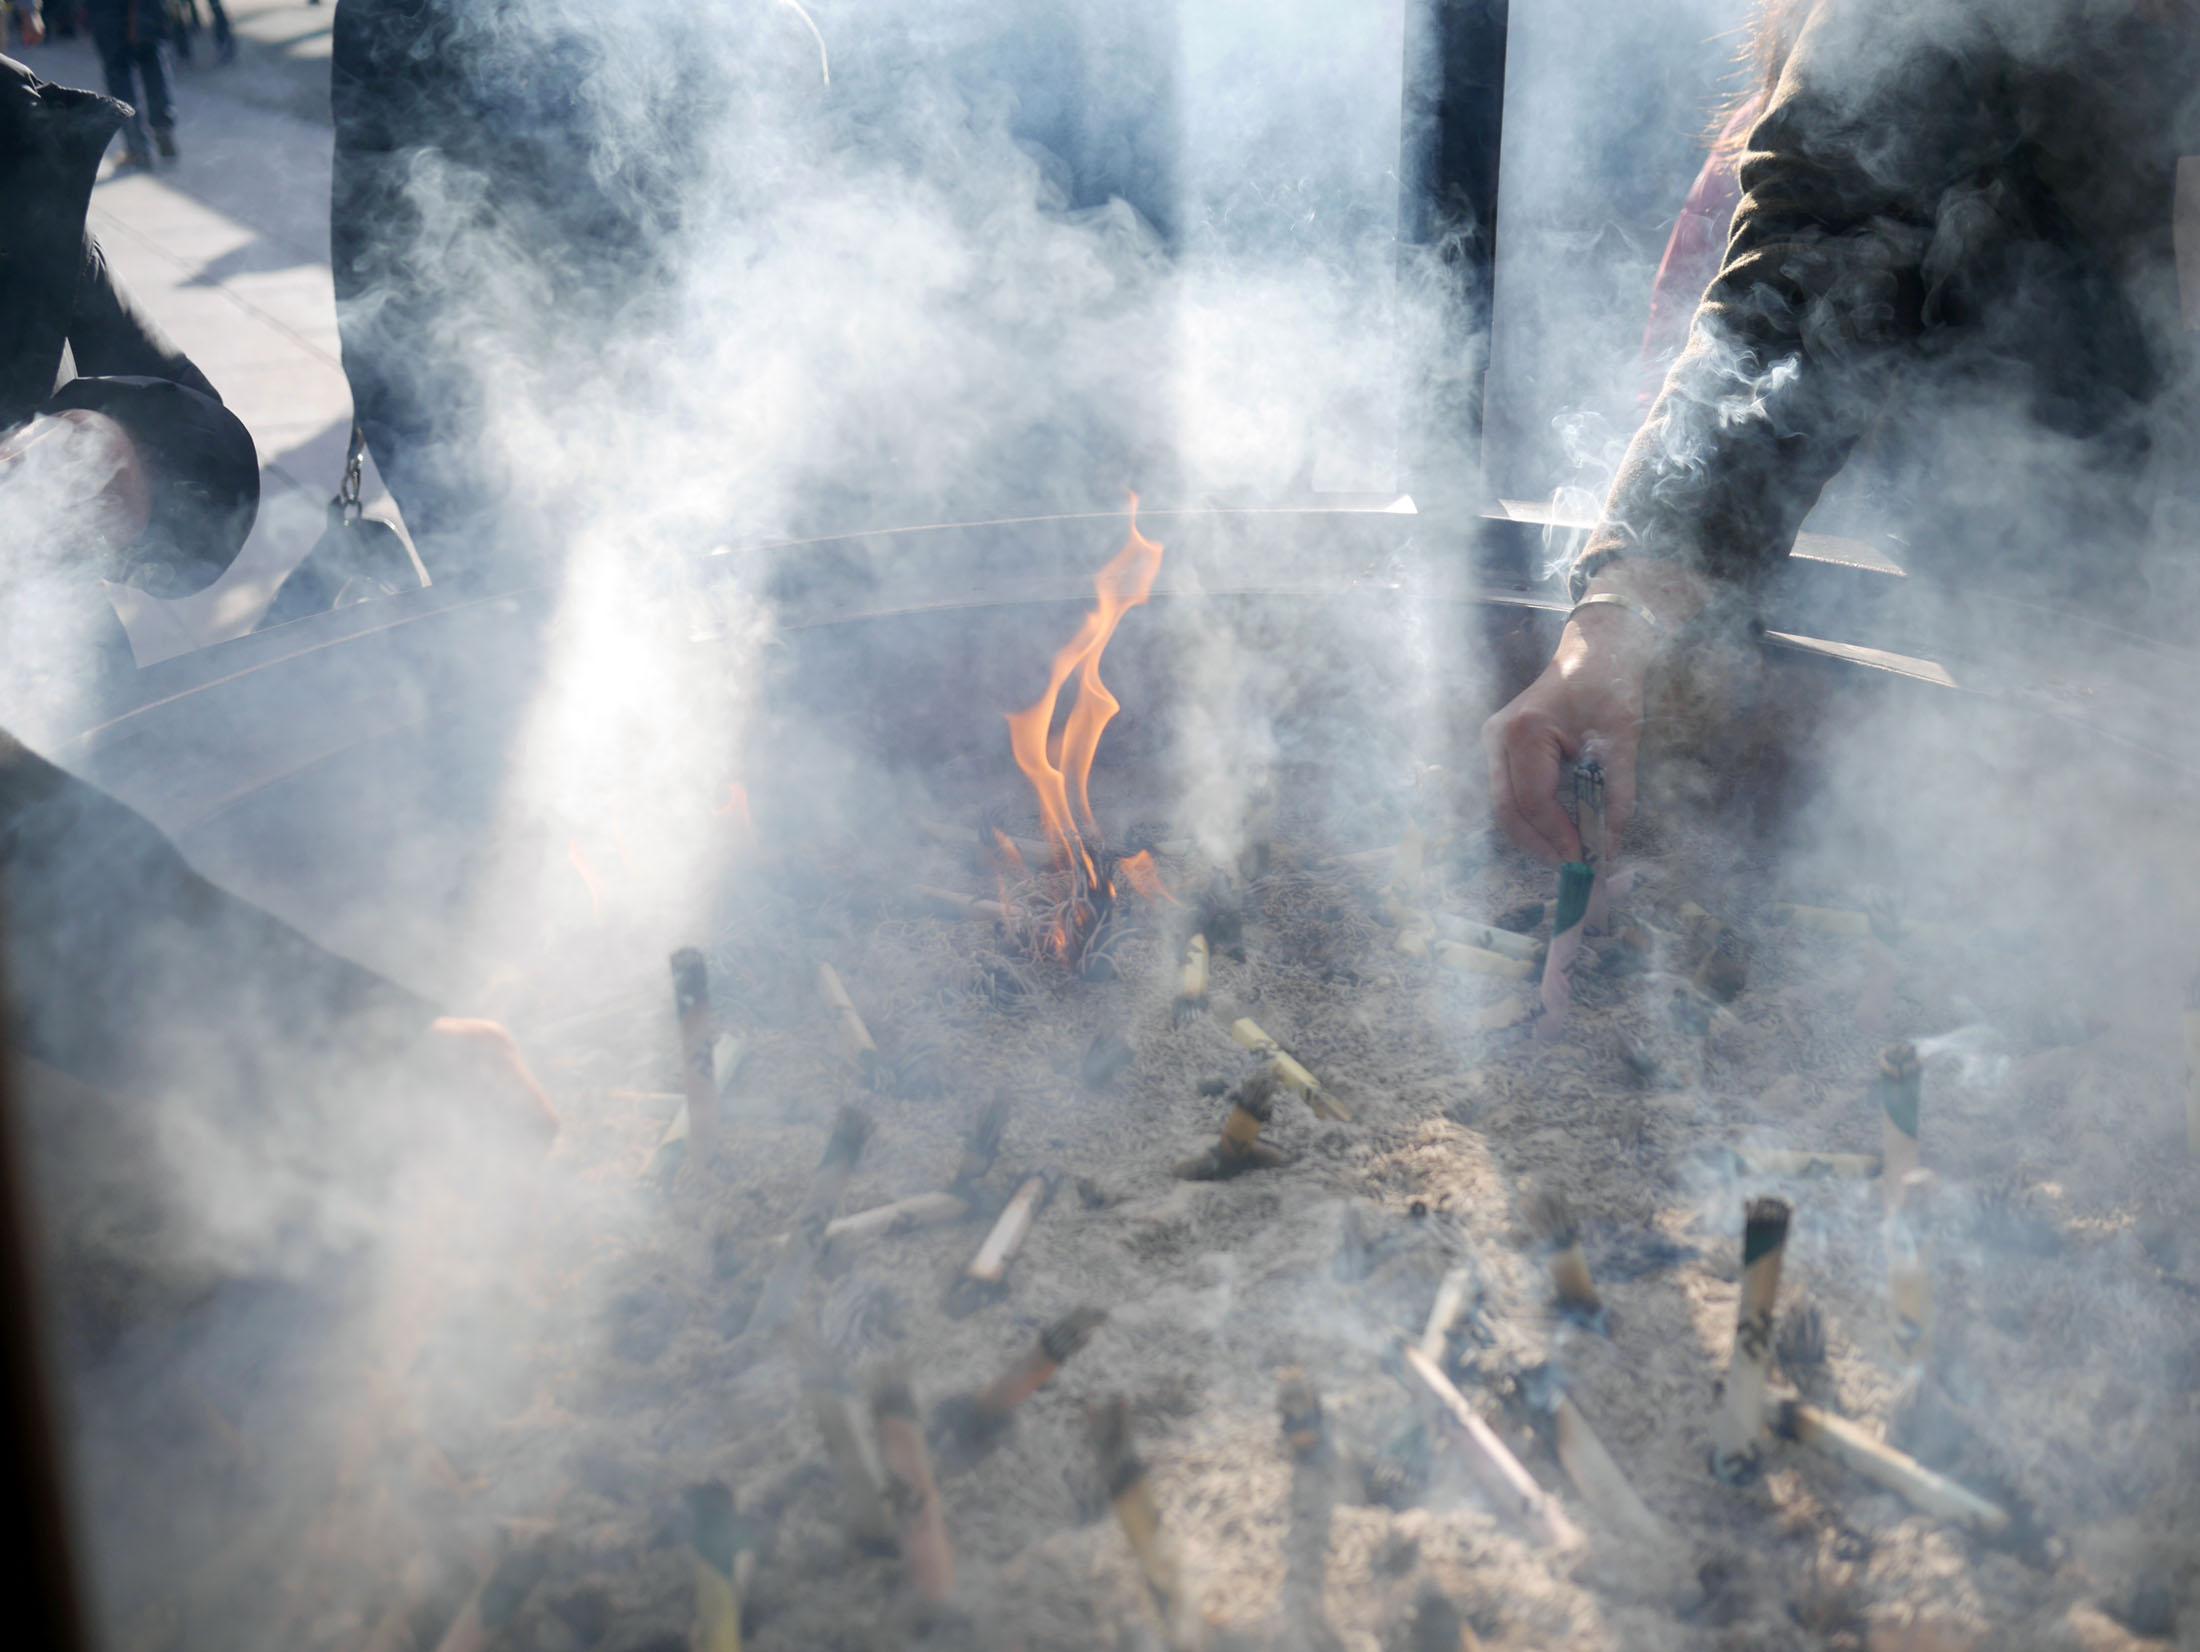 Assim que o incenso começa a queimar você puxa a fumaça toda para a sua direção... nada disso antes de lavar as mãos e a boca.